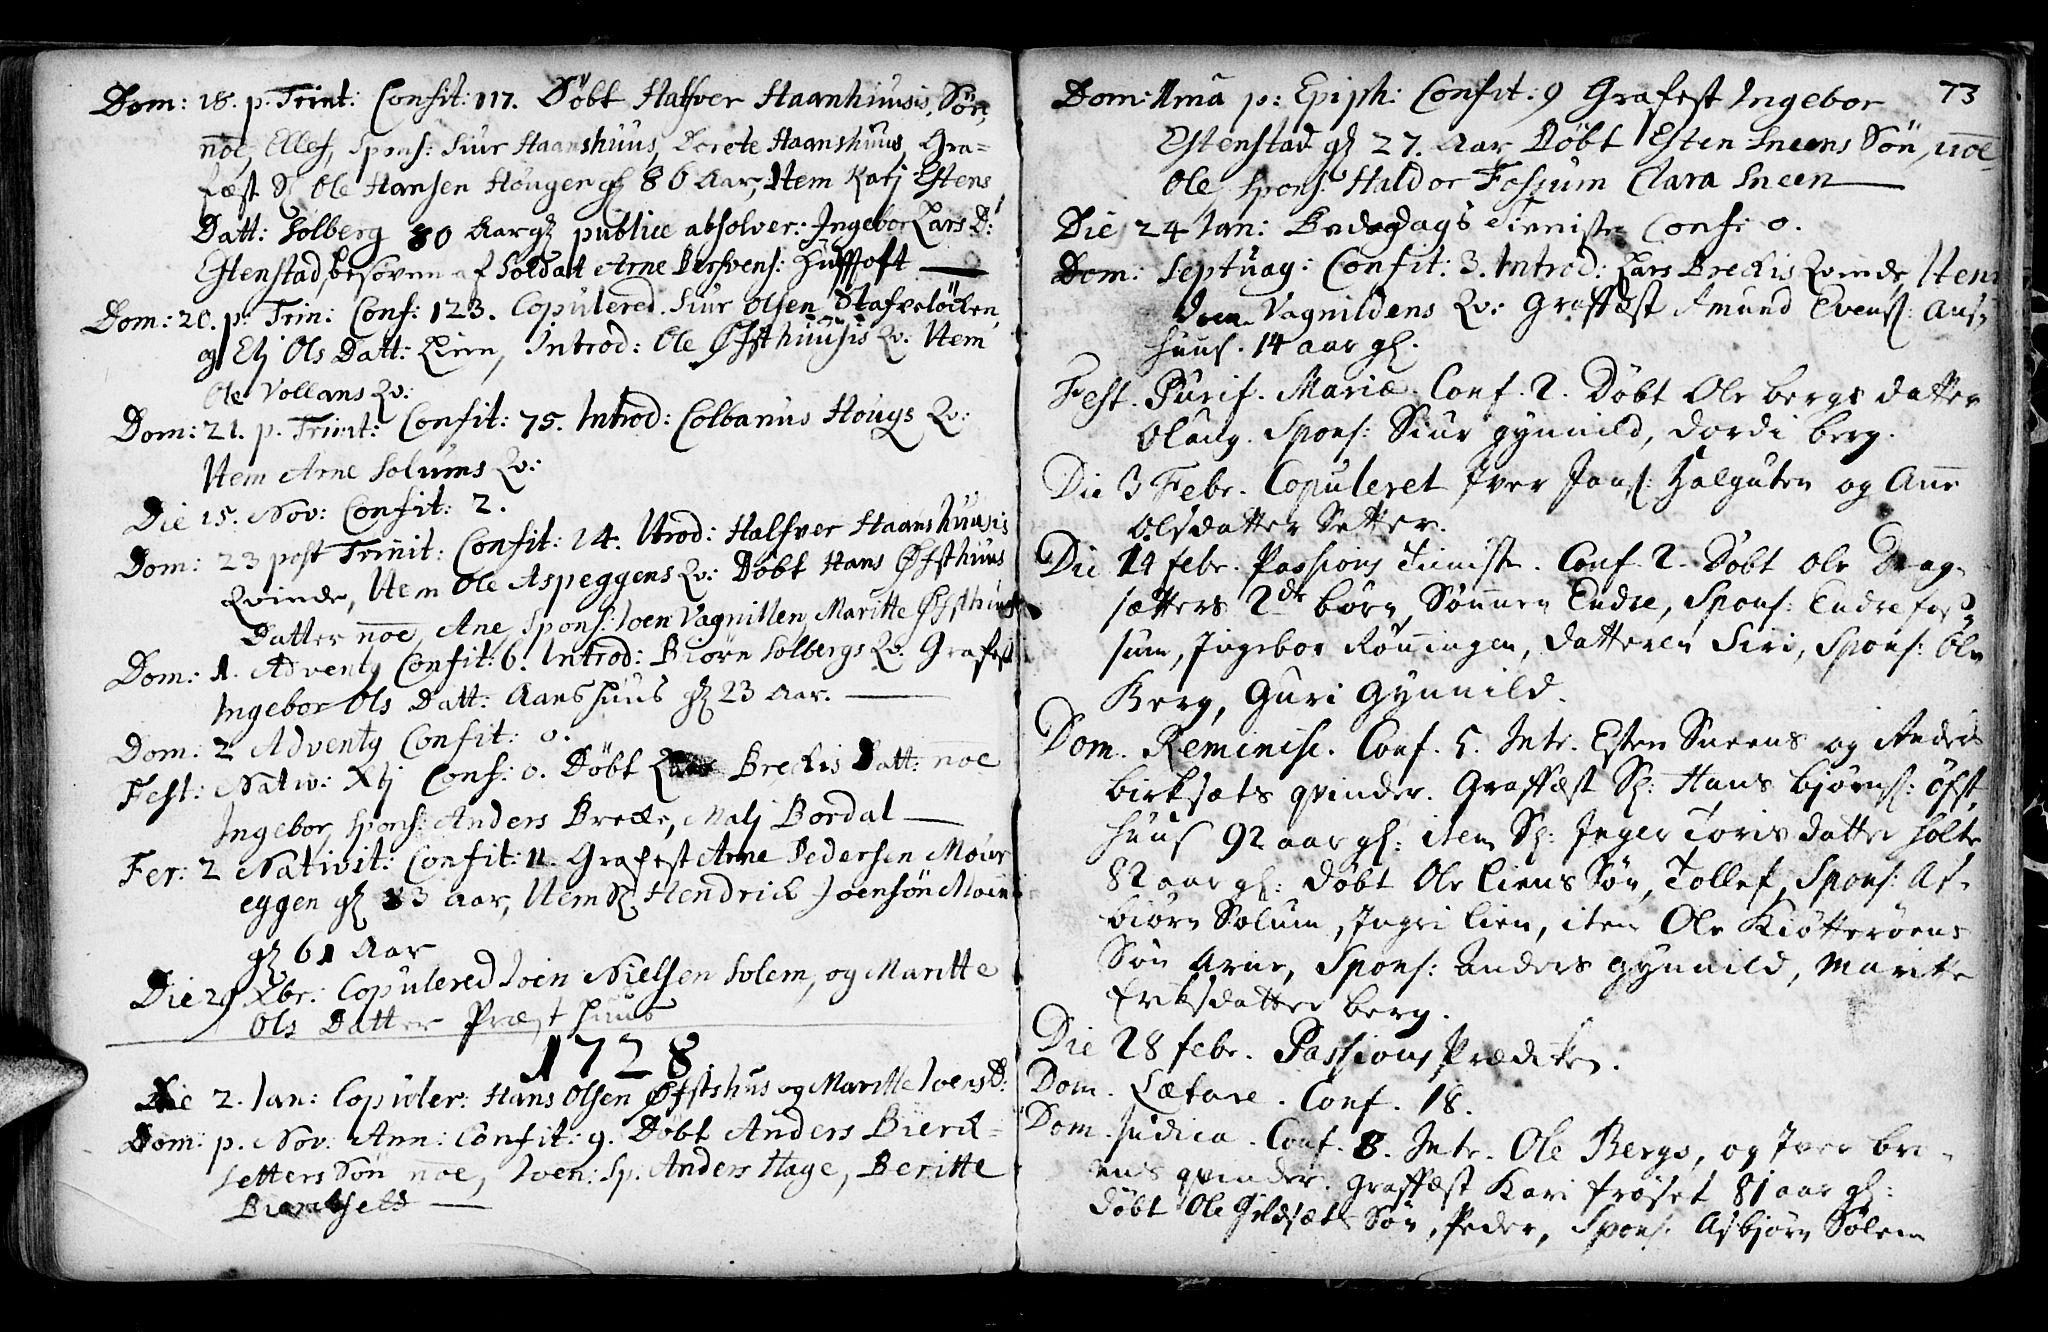 SAT, Ministerialprotokoller, klokkerbøker og fødselsregistre - Sør-Trøndelag, 689/L1036: Ministerialbok nr. 689A01, 1696-1746, s. 73